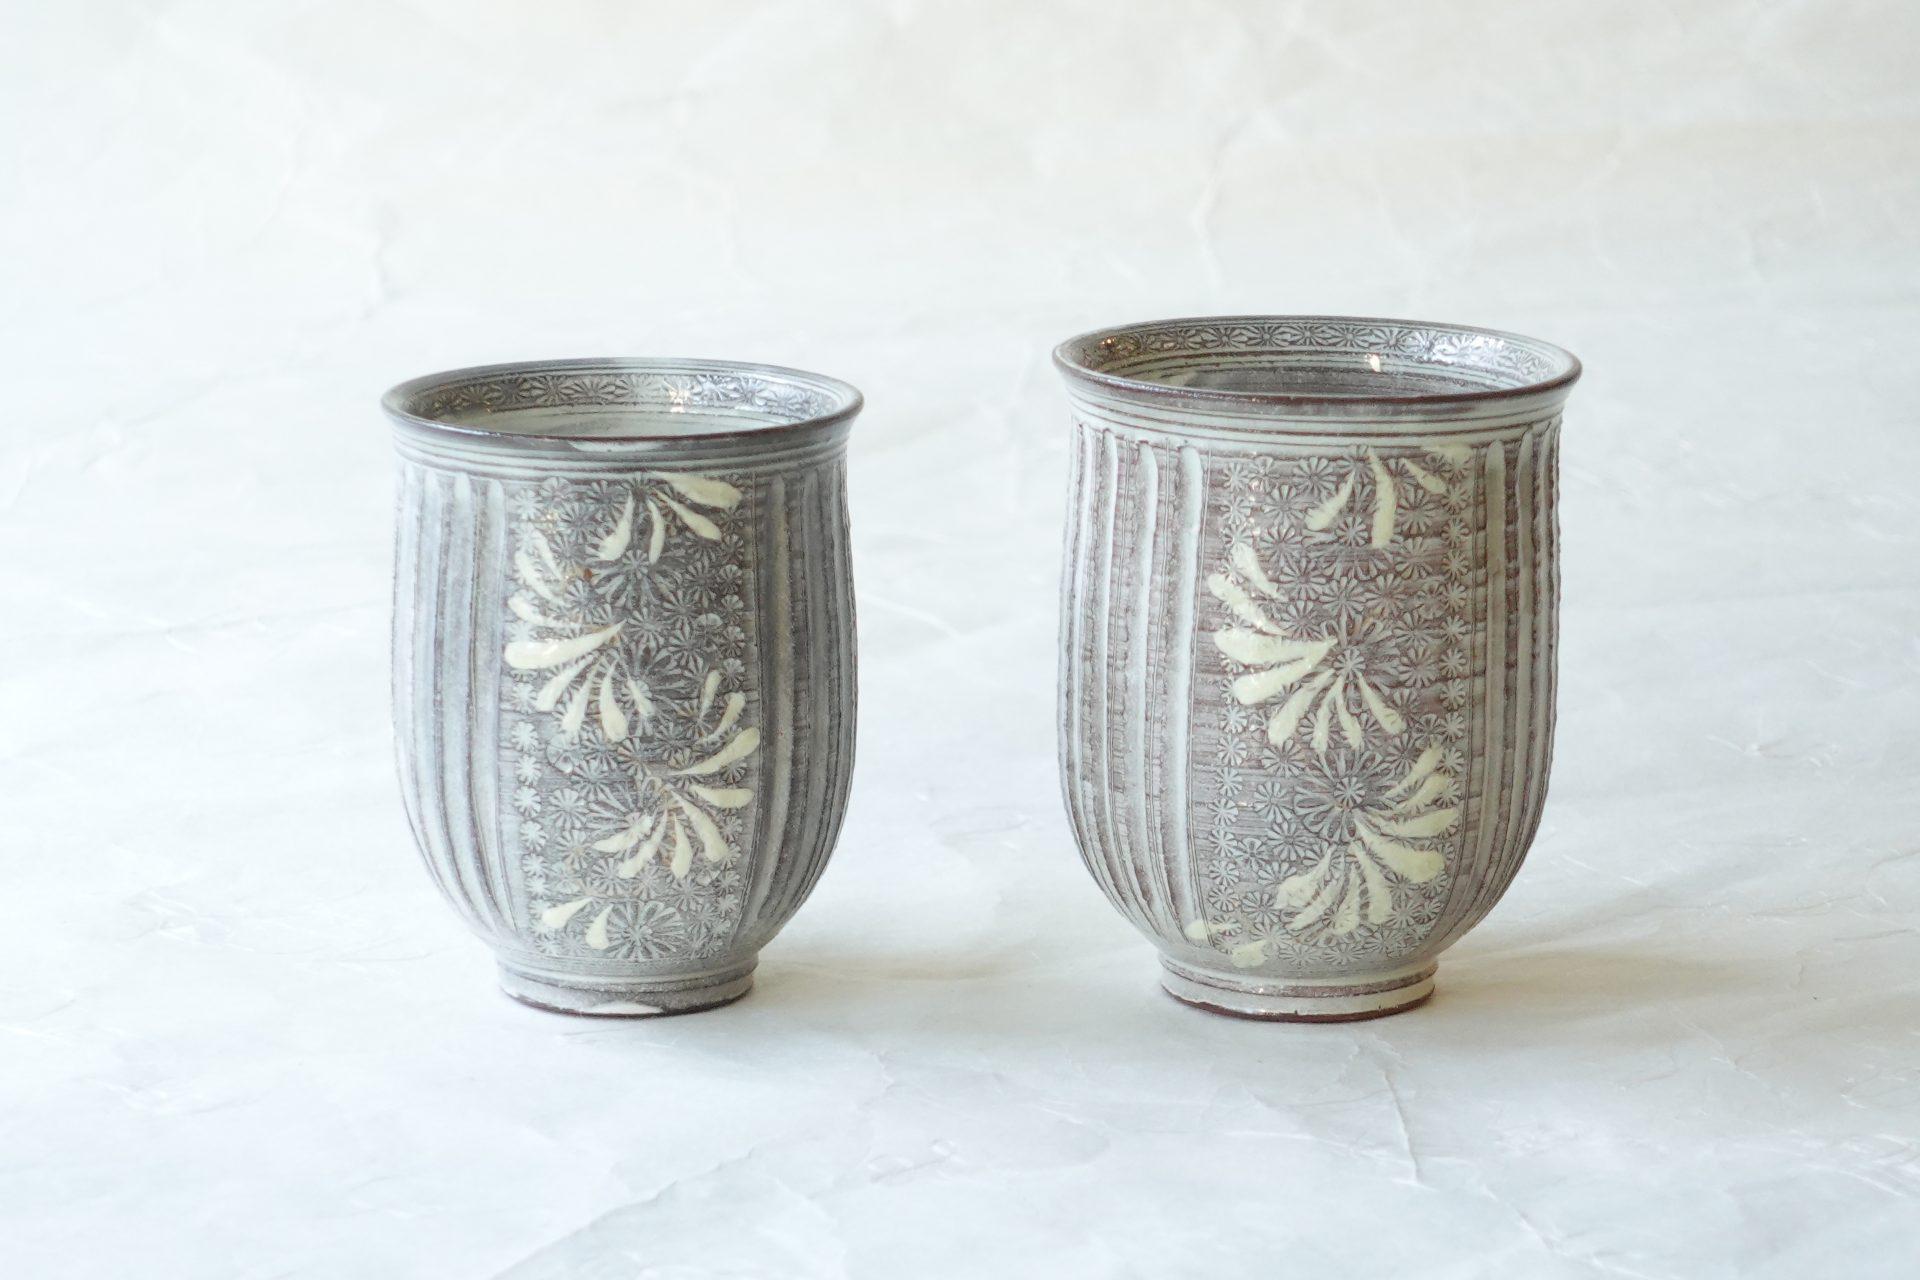 陶器 清水焼 陶楽 三島 組湯呑 印花 花の模様の印 象嵌のよう 細かさ 緻密さ 芸術の域 削ぎ 羽反り型 逸品